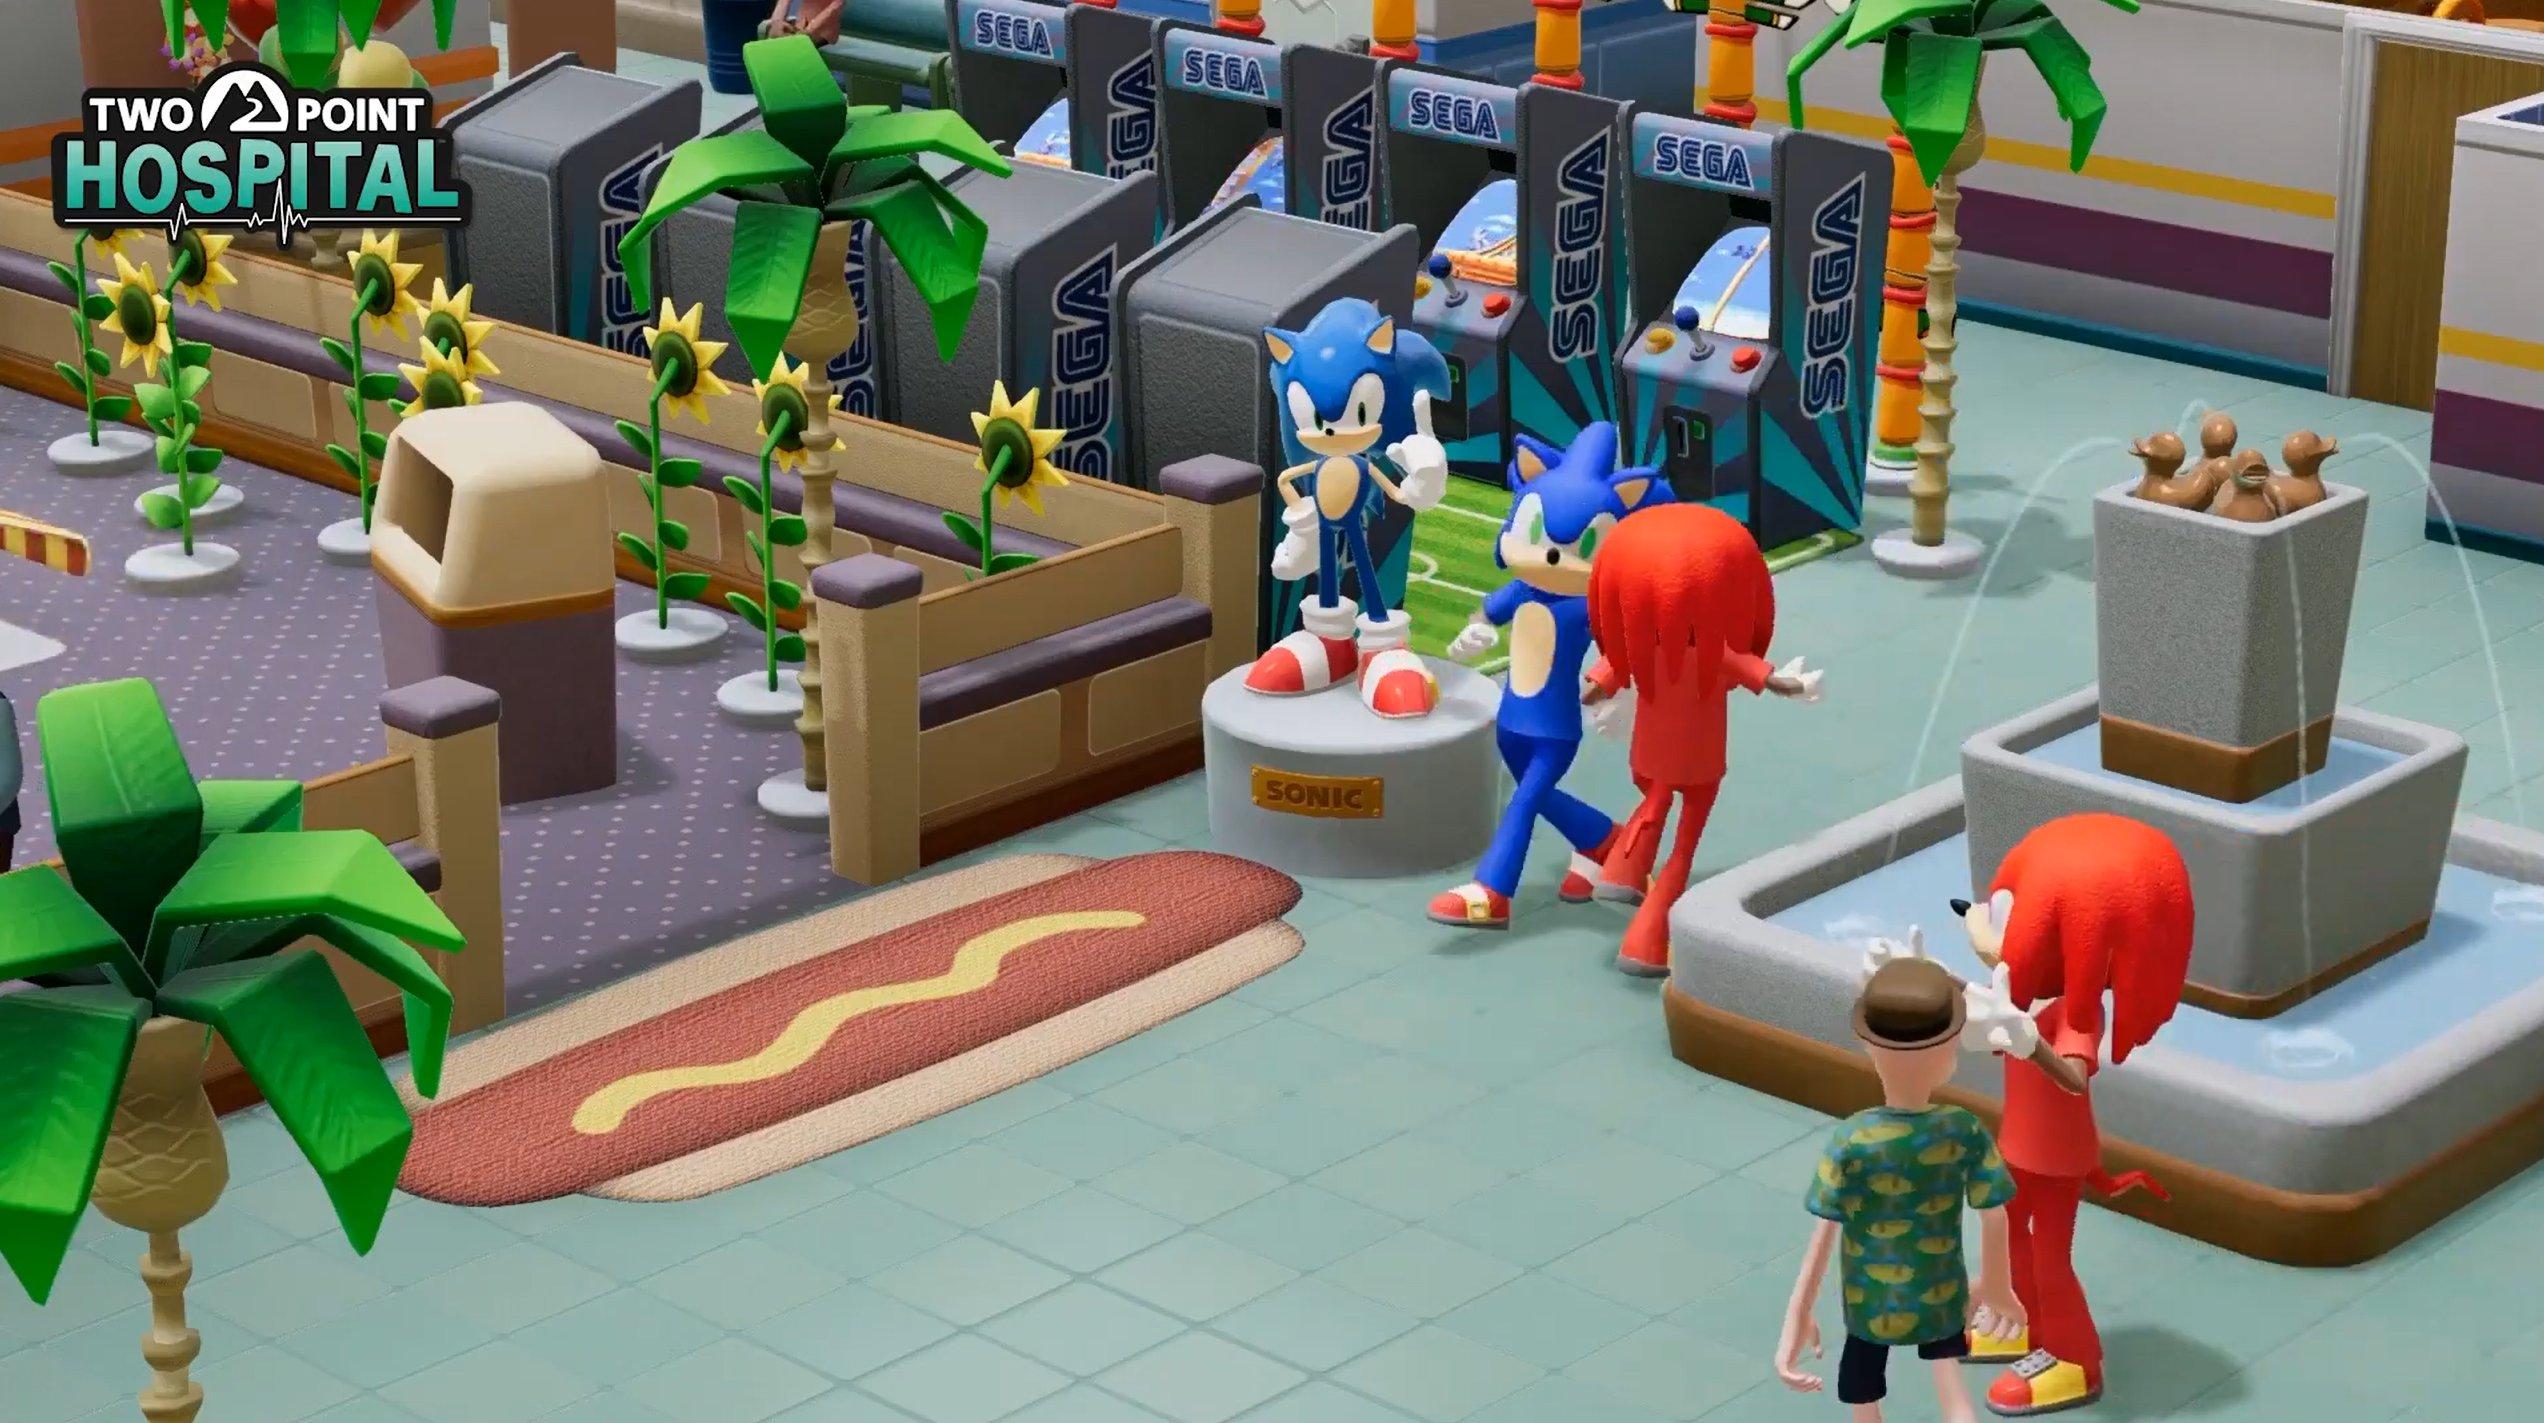 Sonic Central: Ecco le novità annunciate nel corso dell'evento di Maggio - Stay Nerd